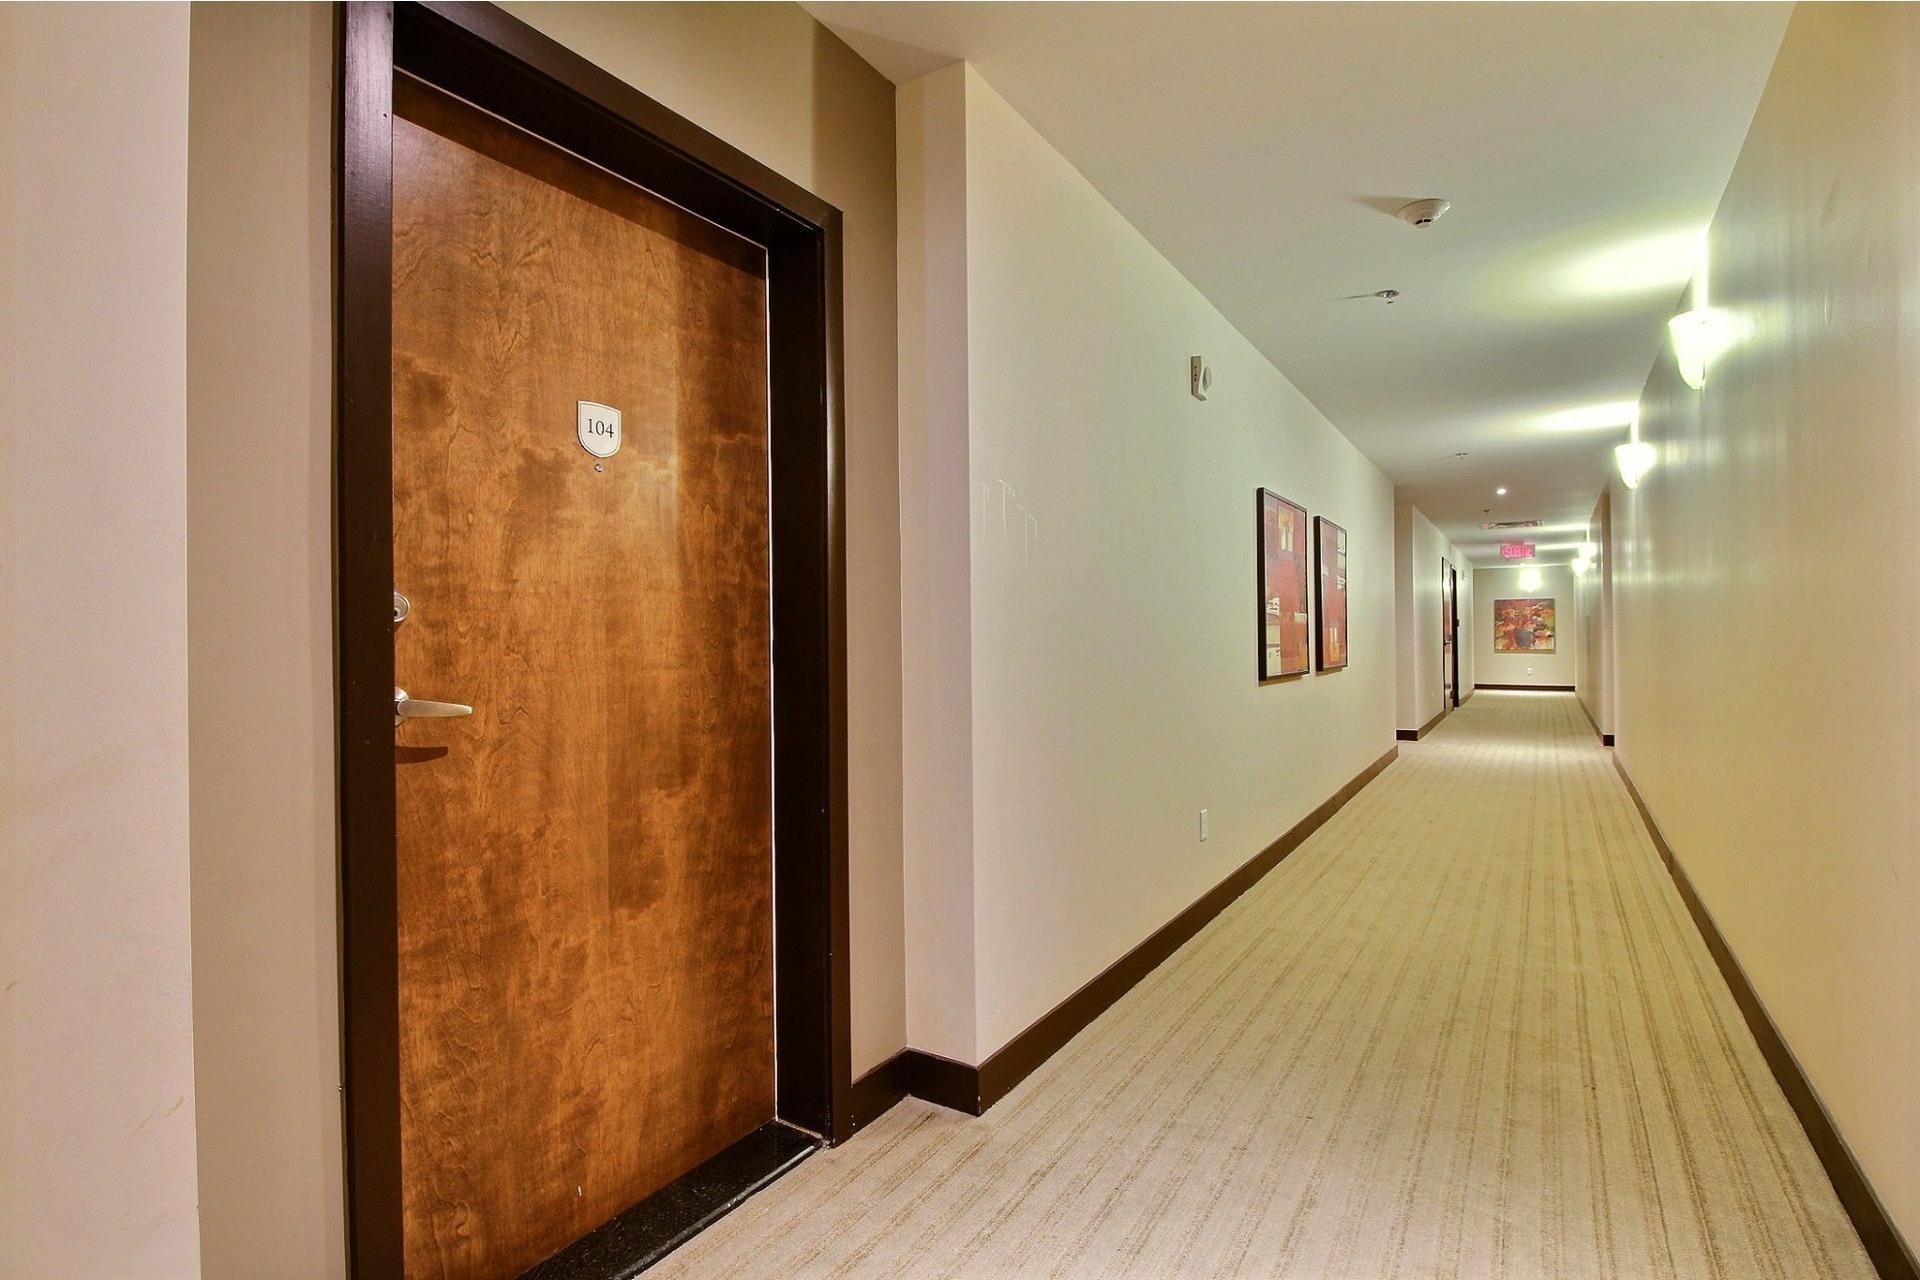 image 23 - Appartement À louer Rivière-des-Prairies/Pointe-aux-Trembles Montréal  - 6 pièces